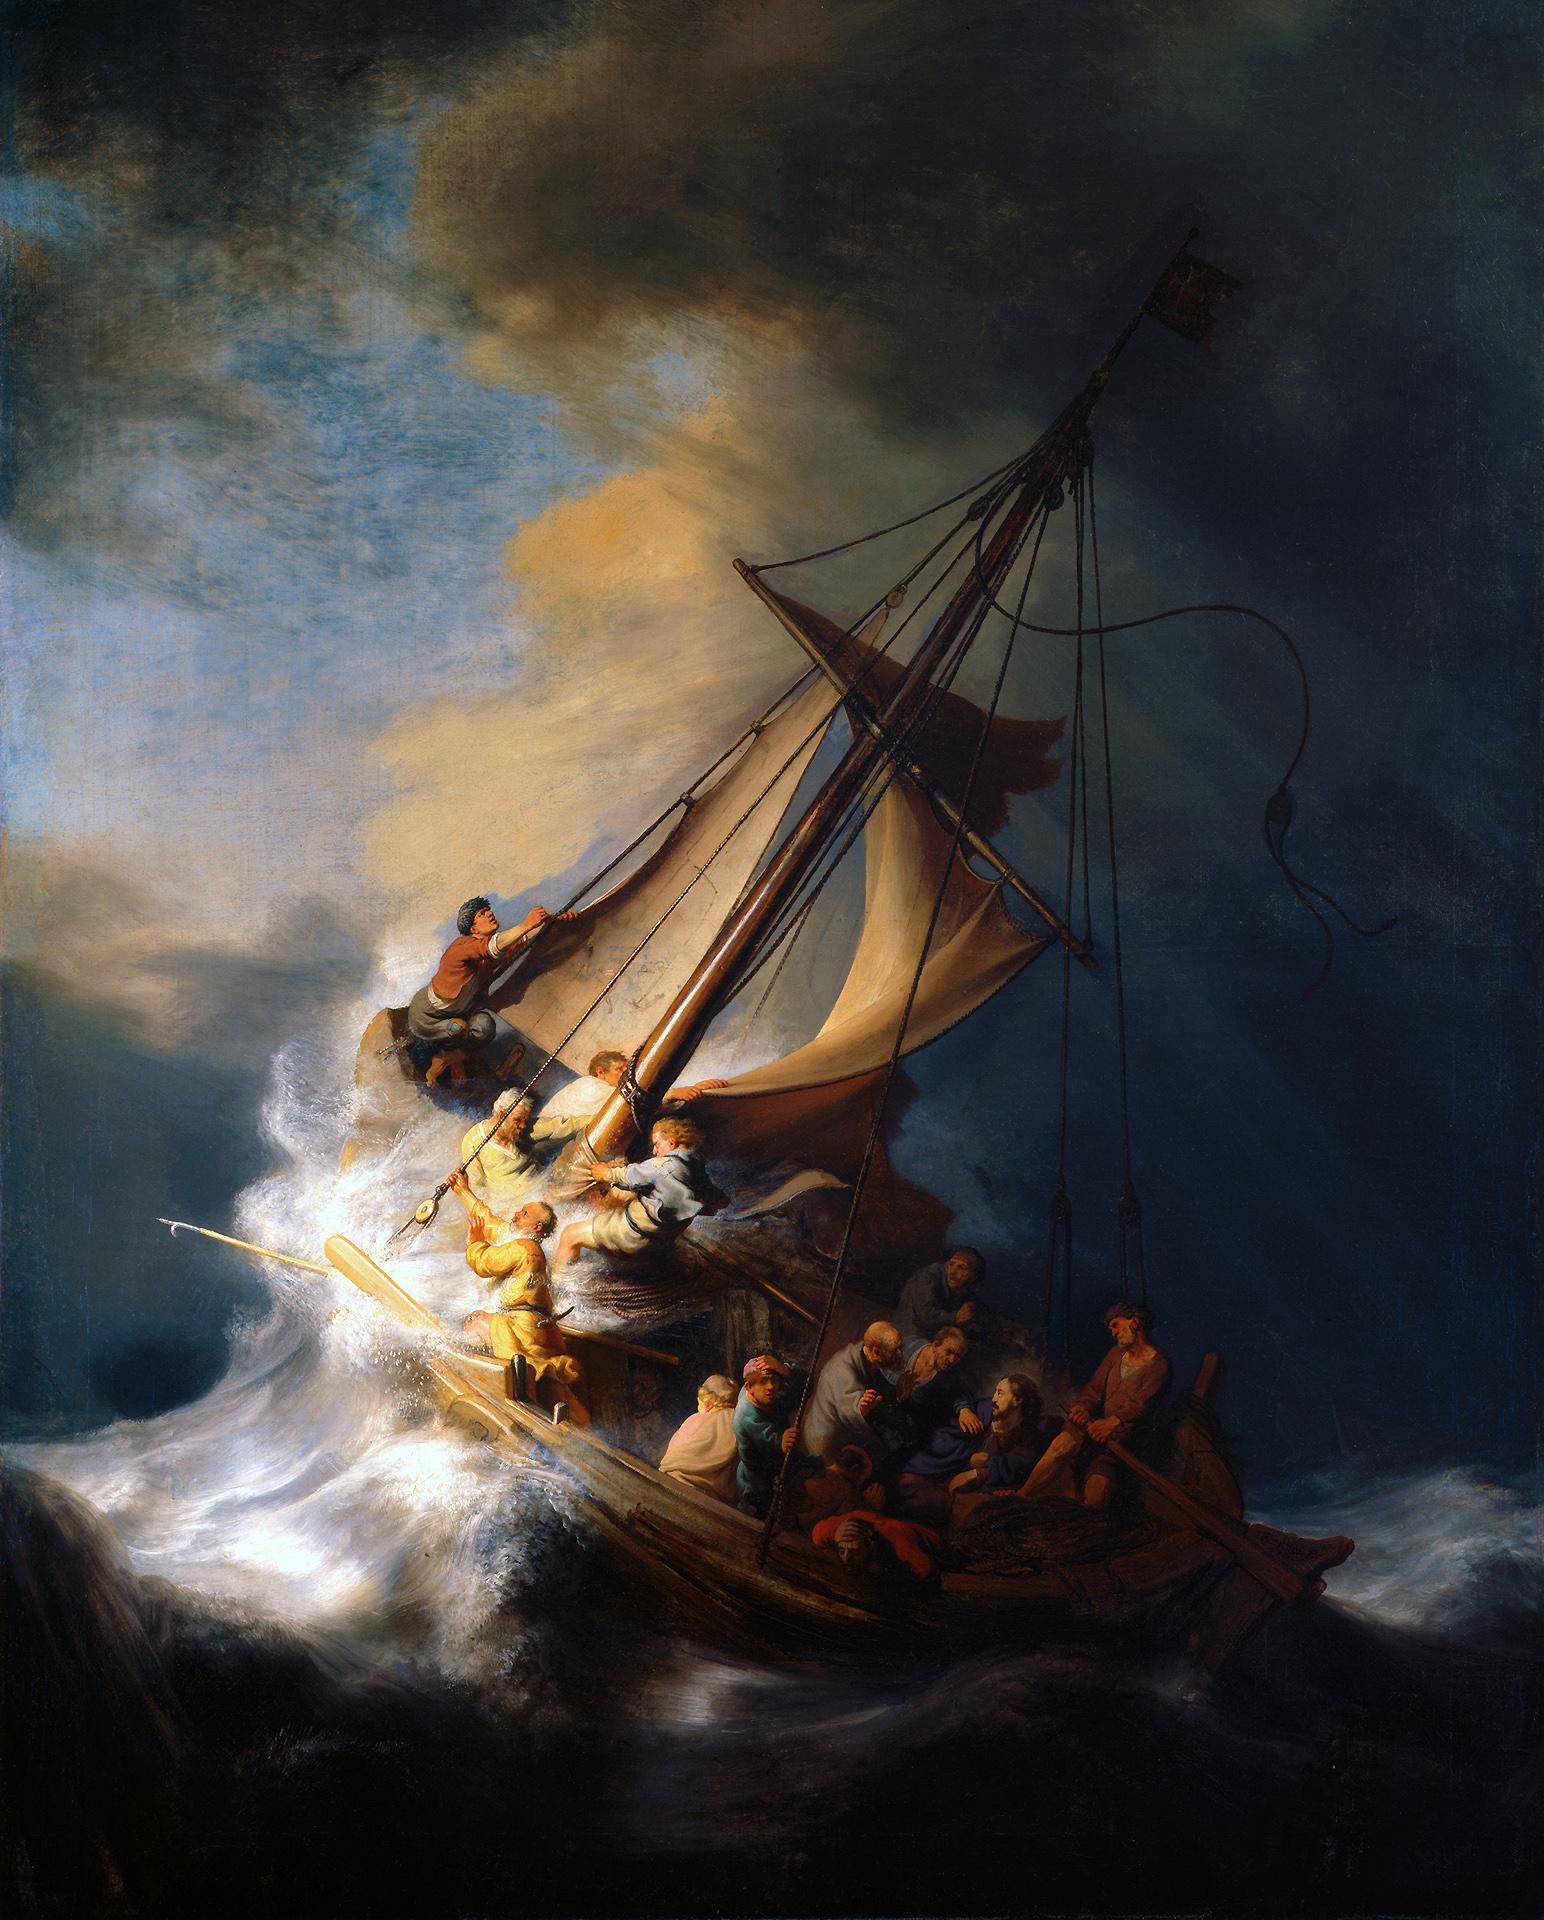 レンブラント ファン レイン ガラリアの海の嵐 Pc